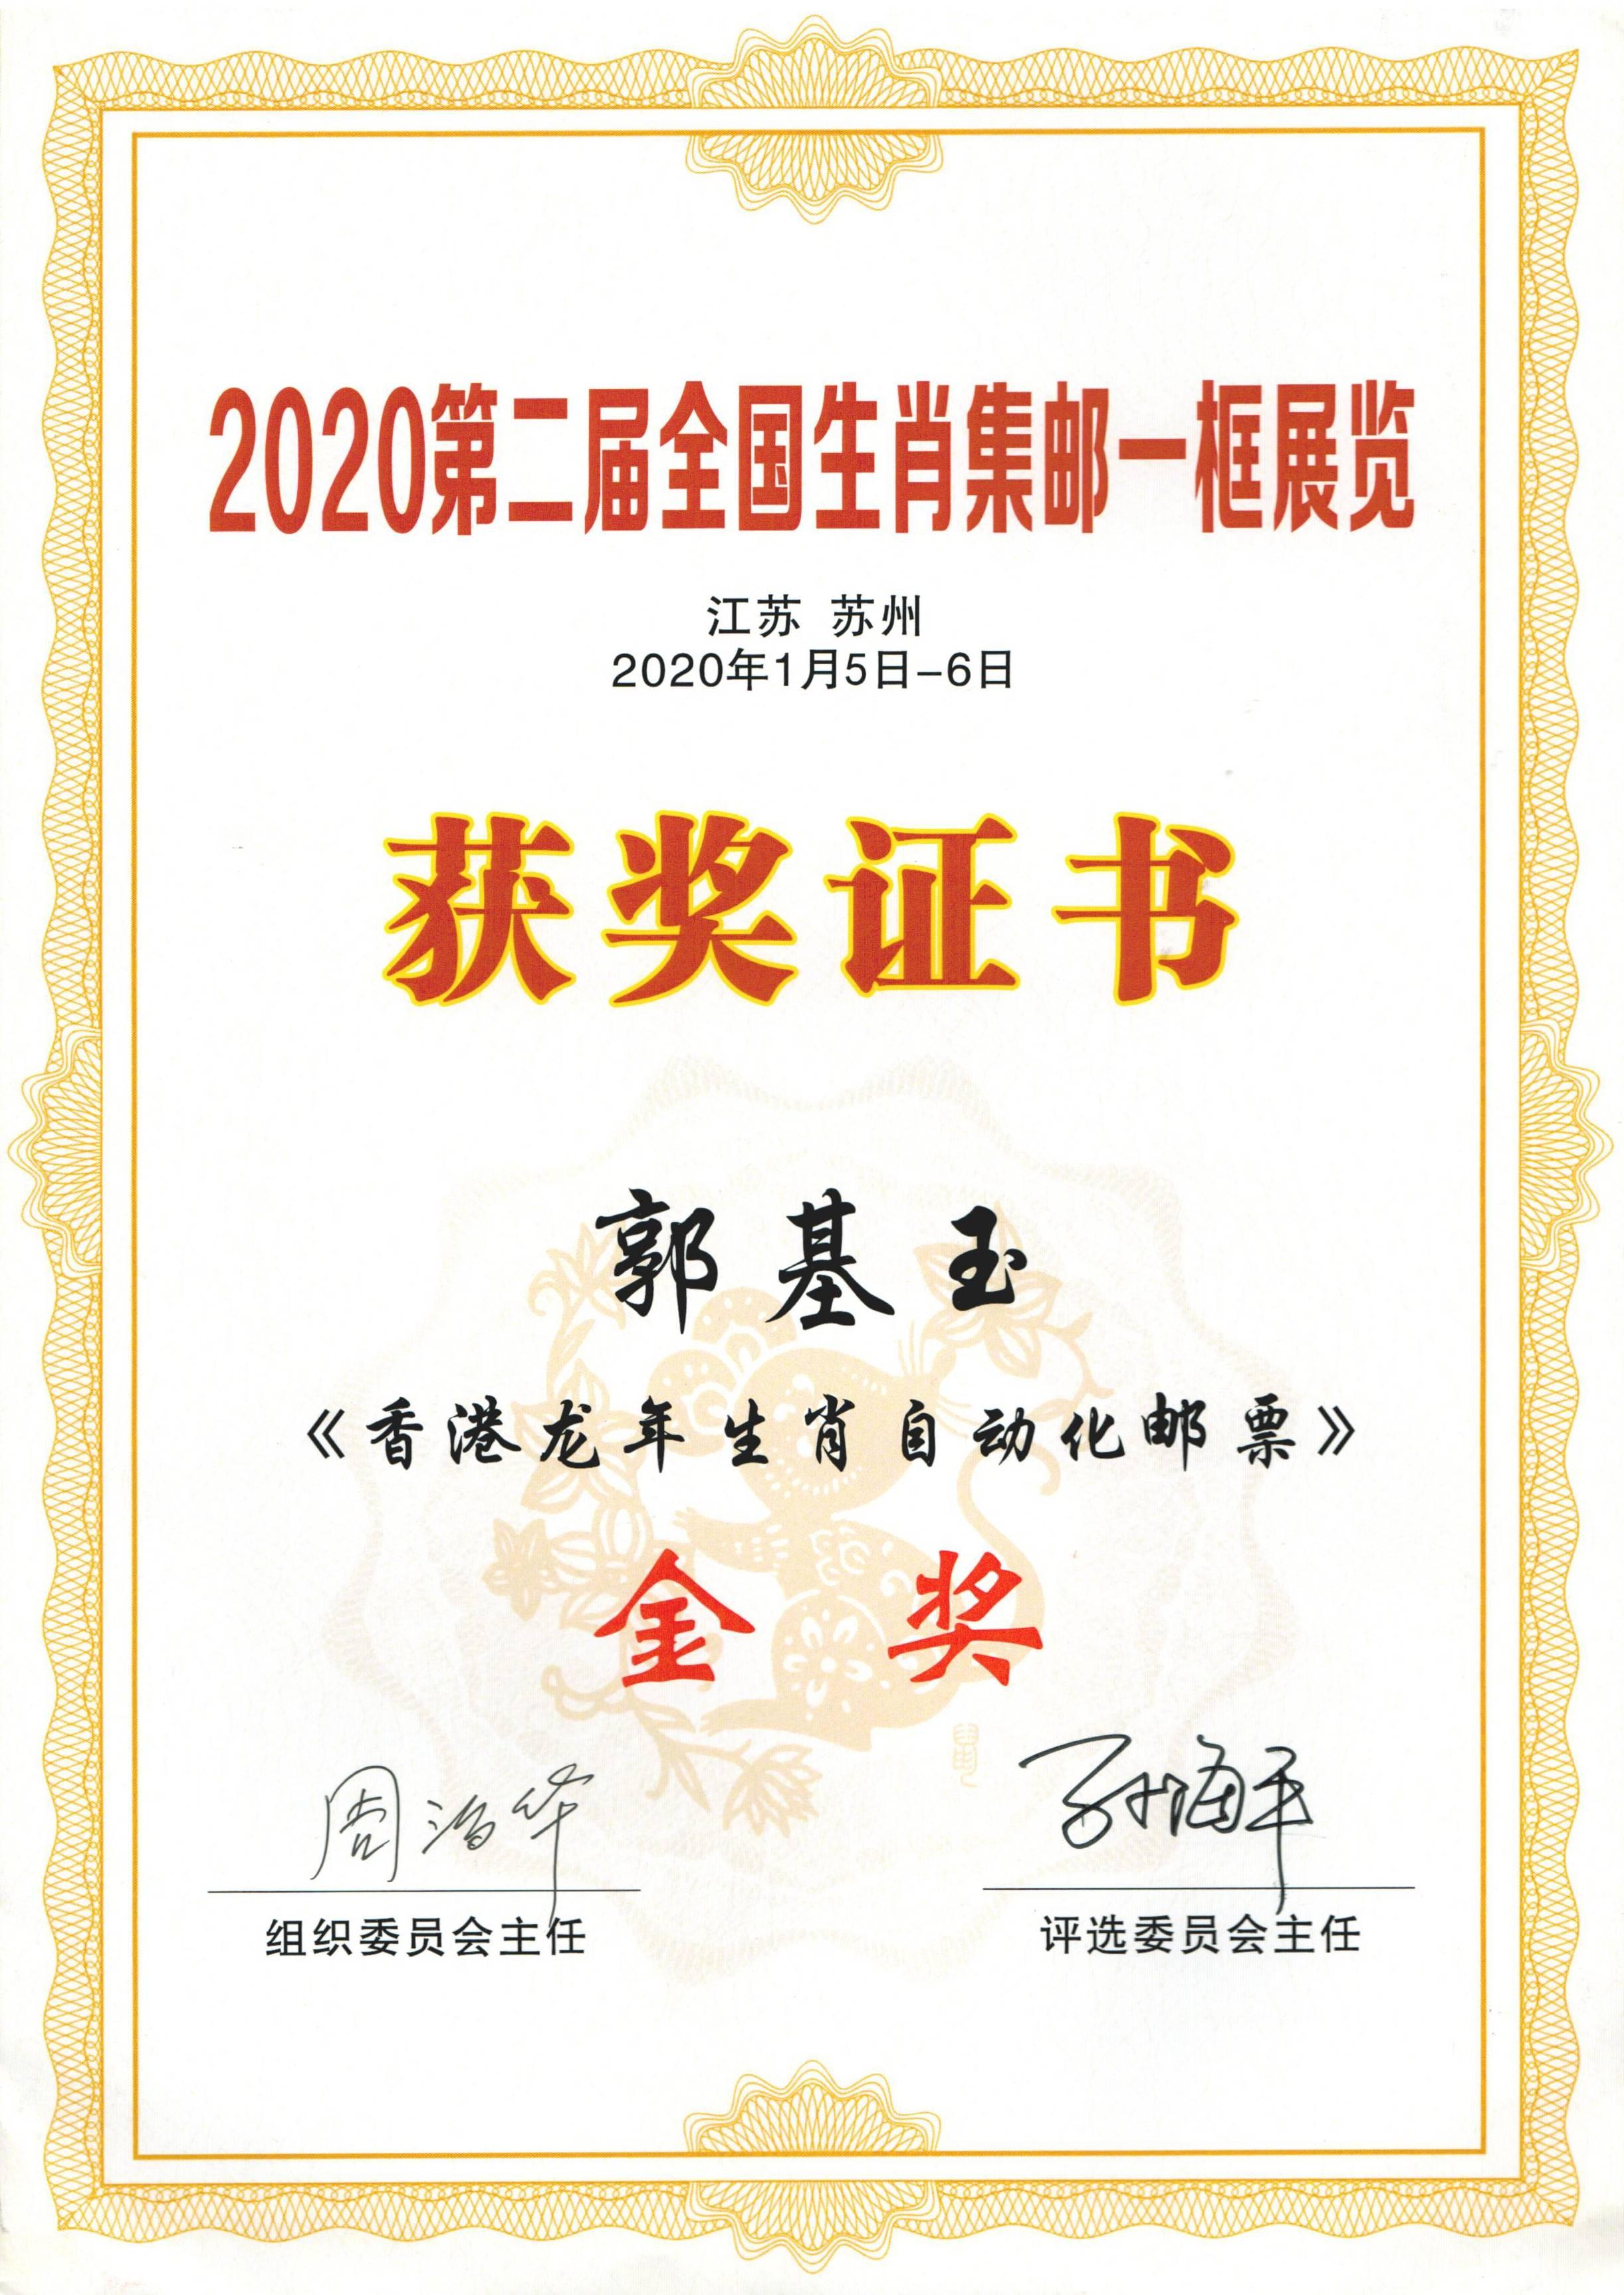 香港龙年自动化邮票1框第二届全国生肖一框展金奖